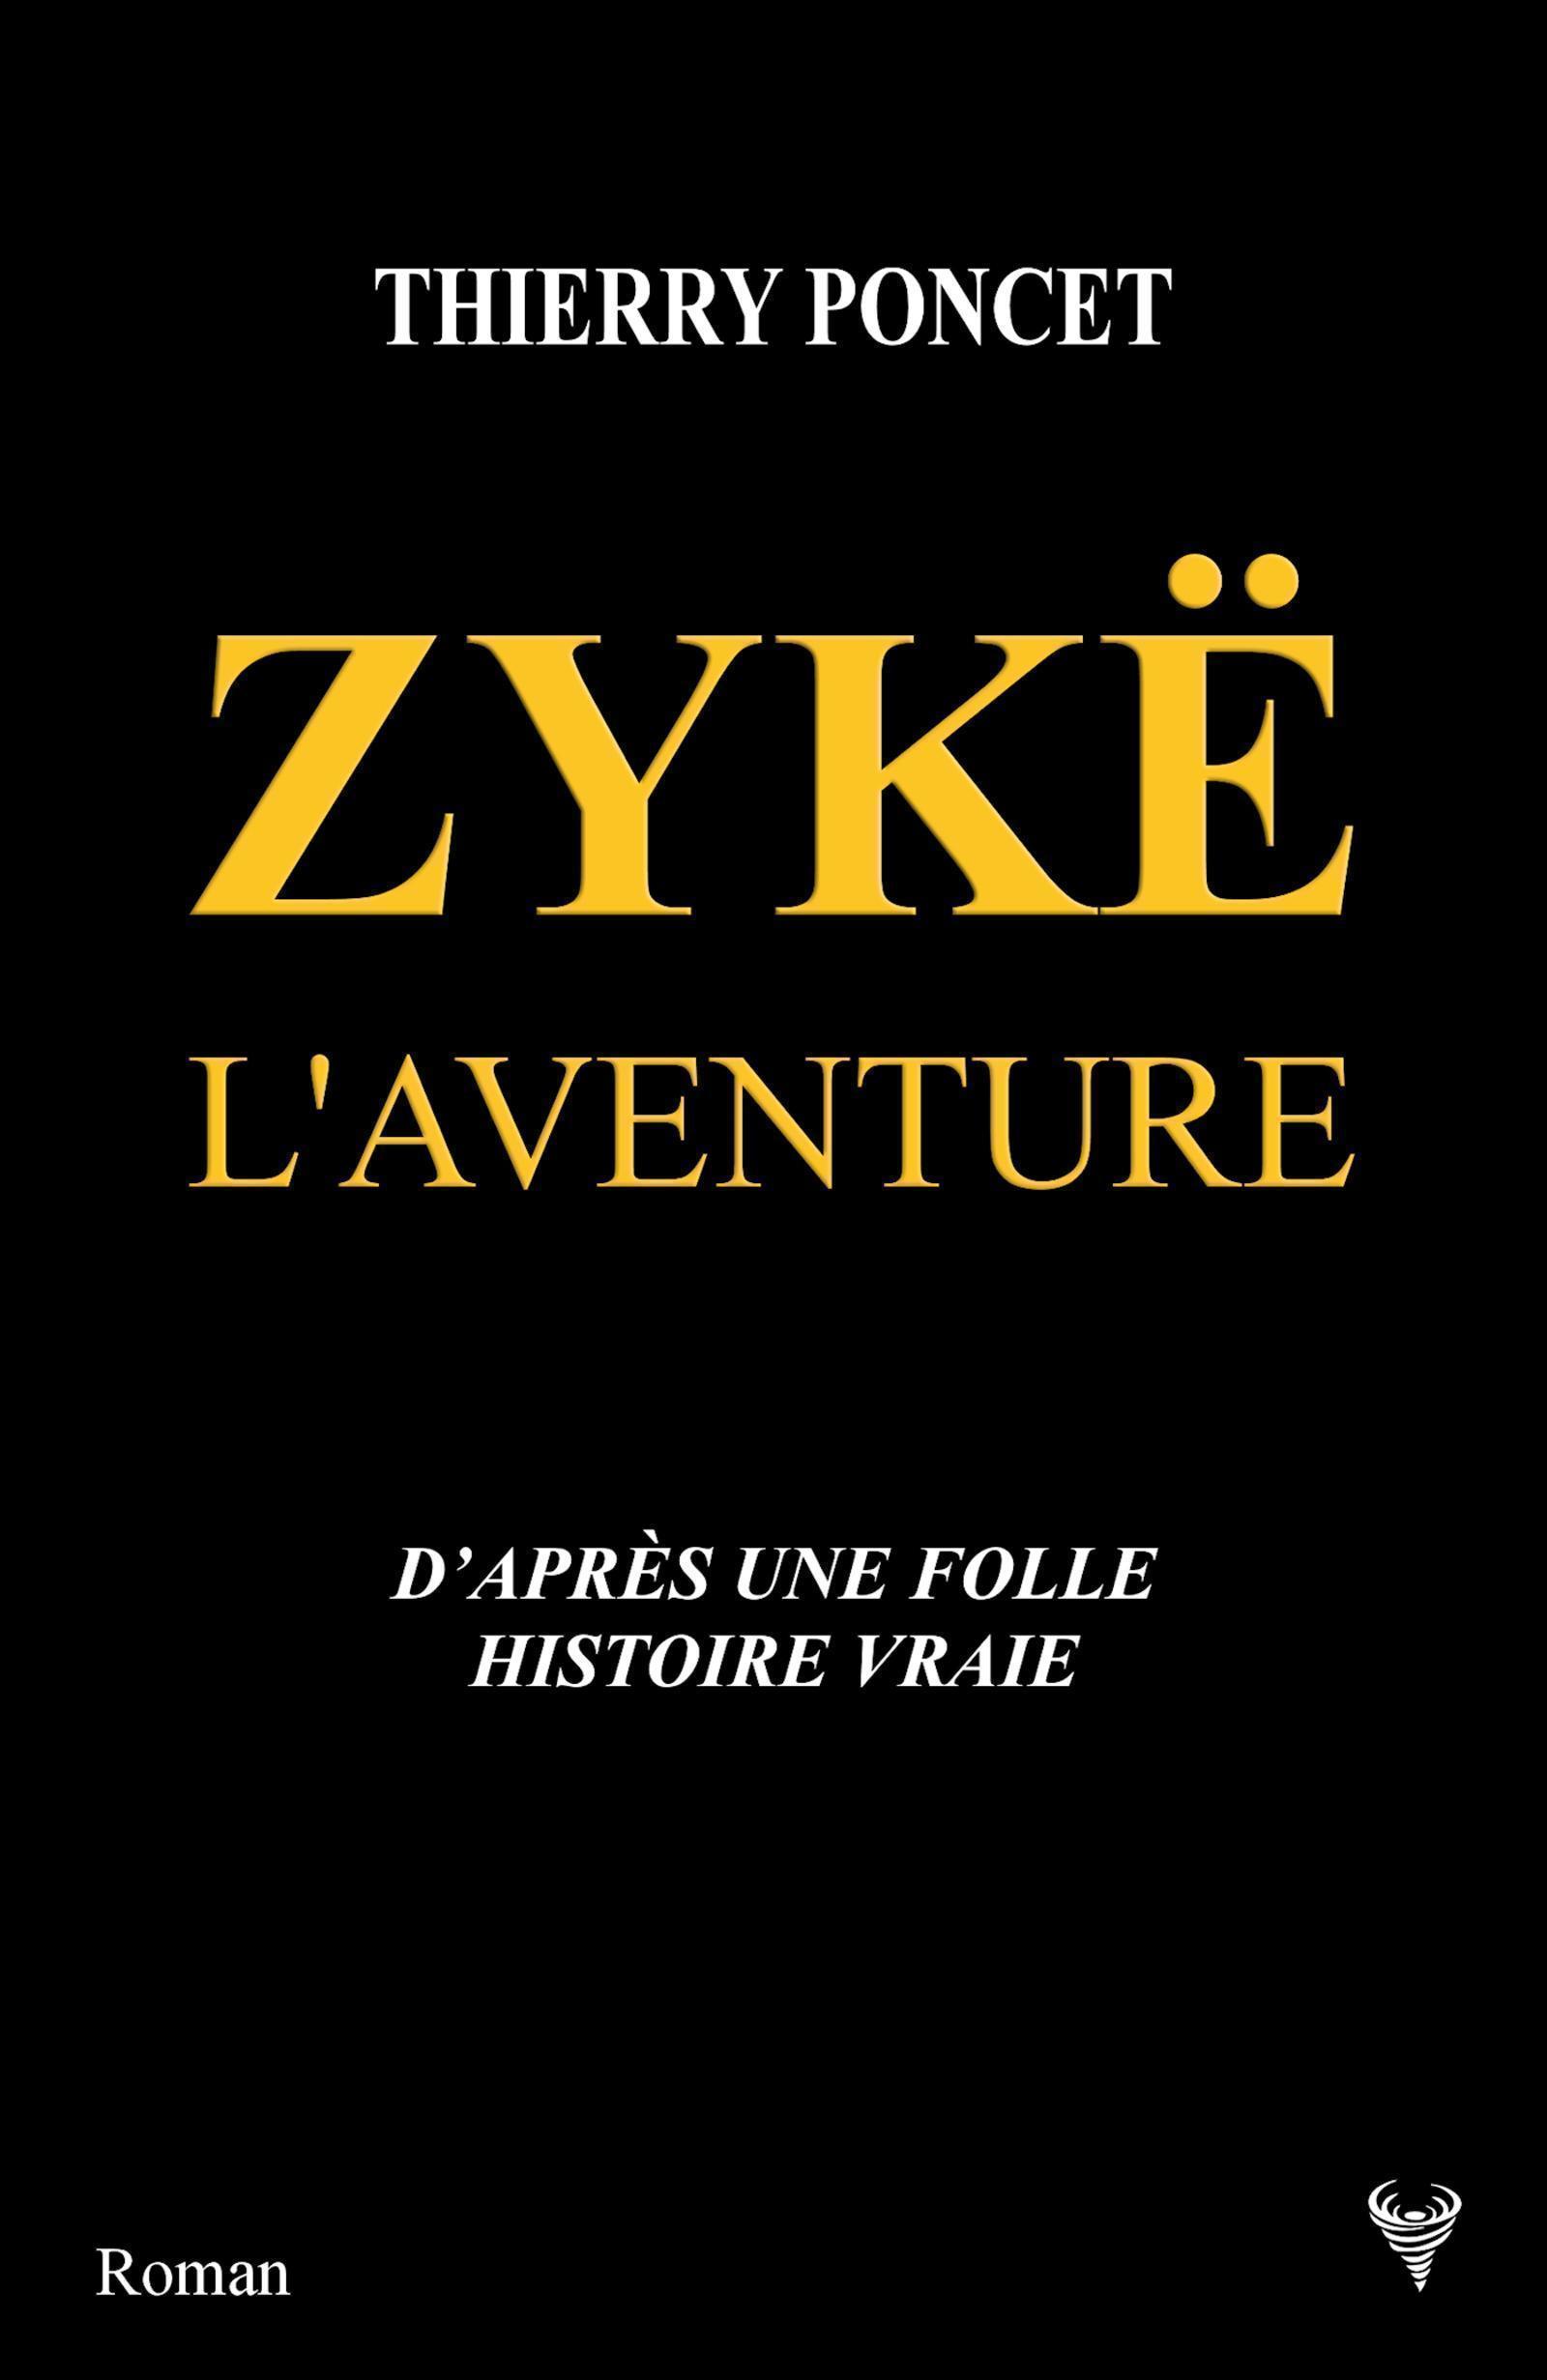 ZYKE L'AVENTURE